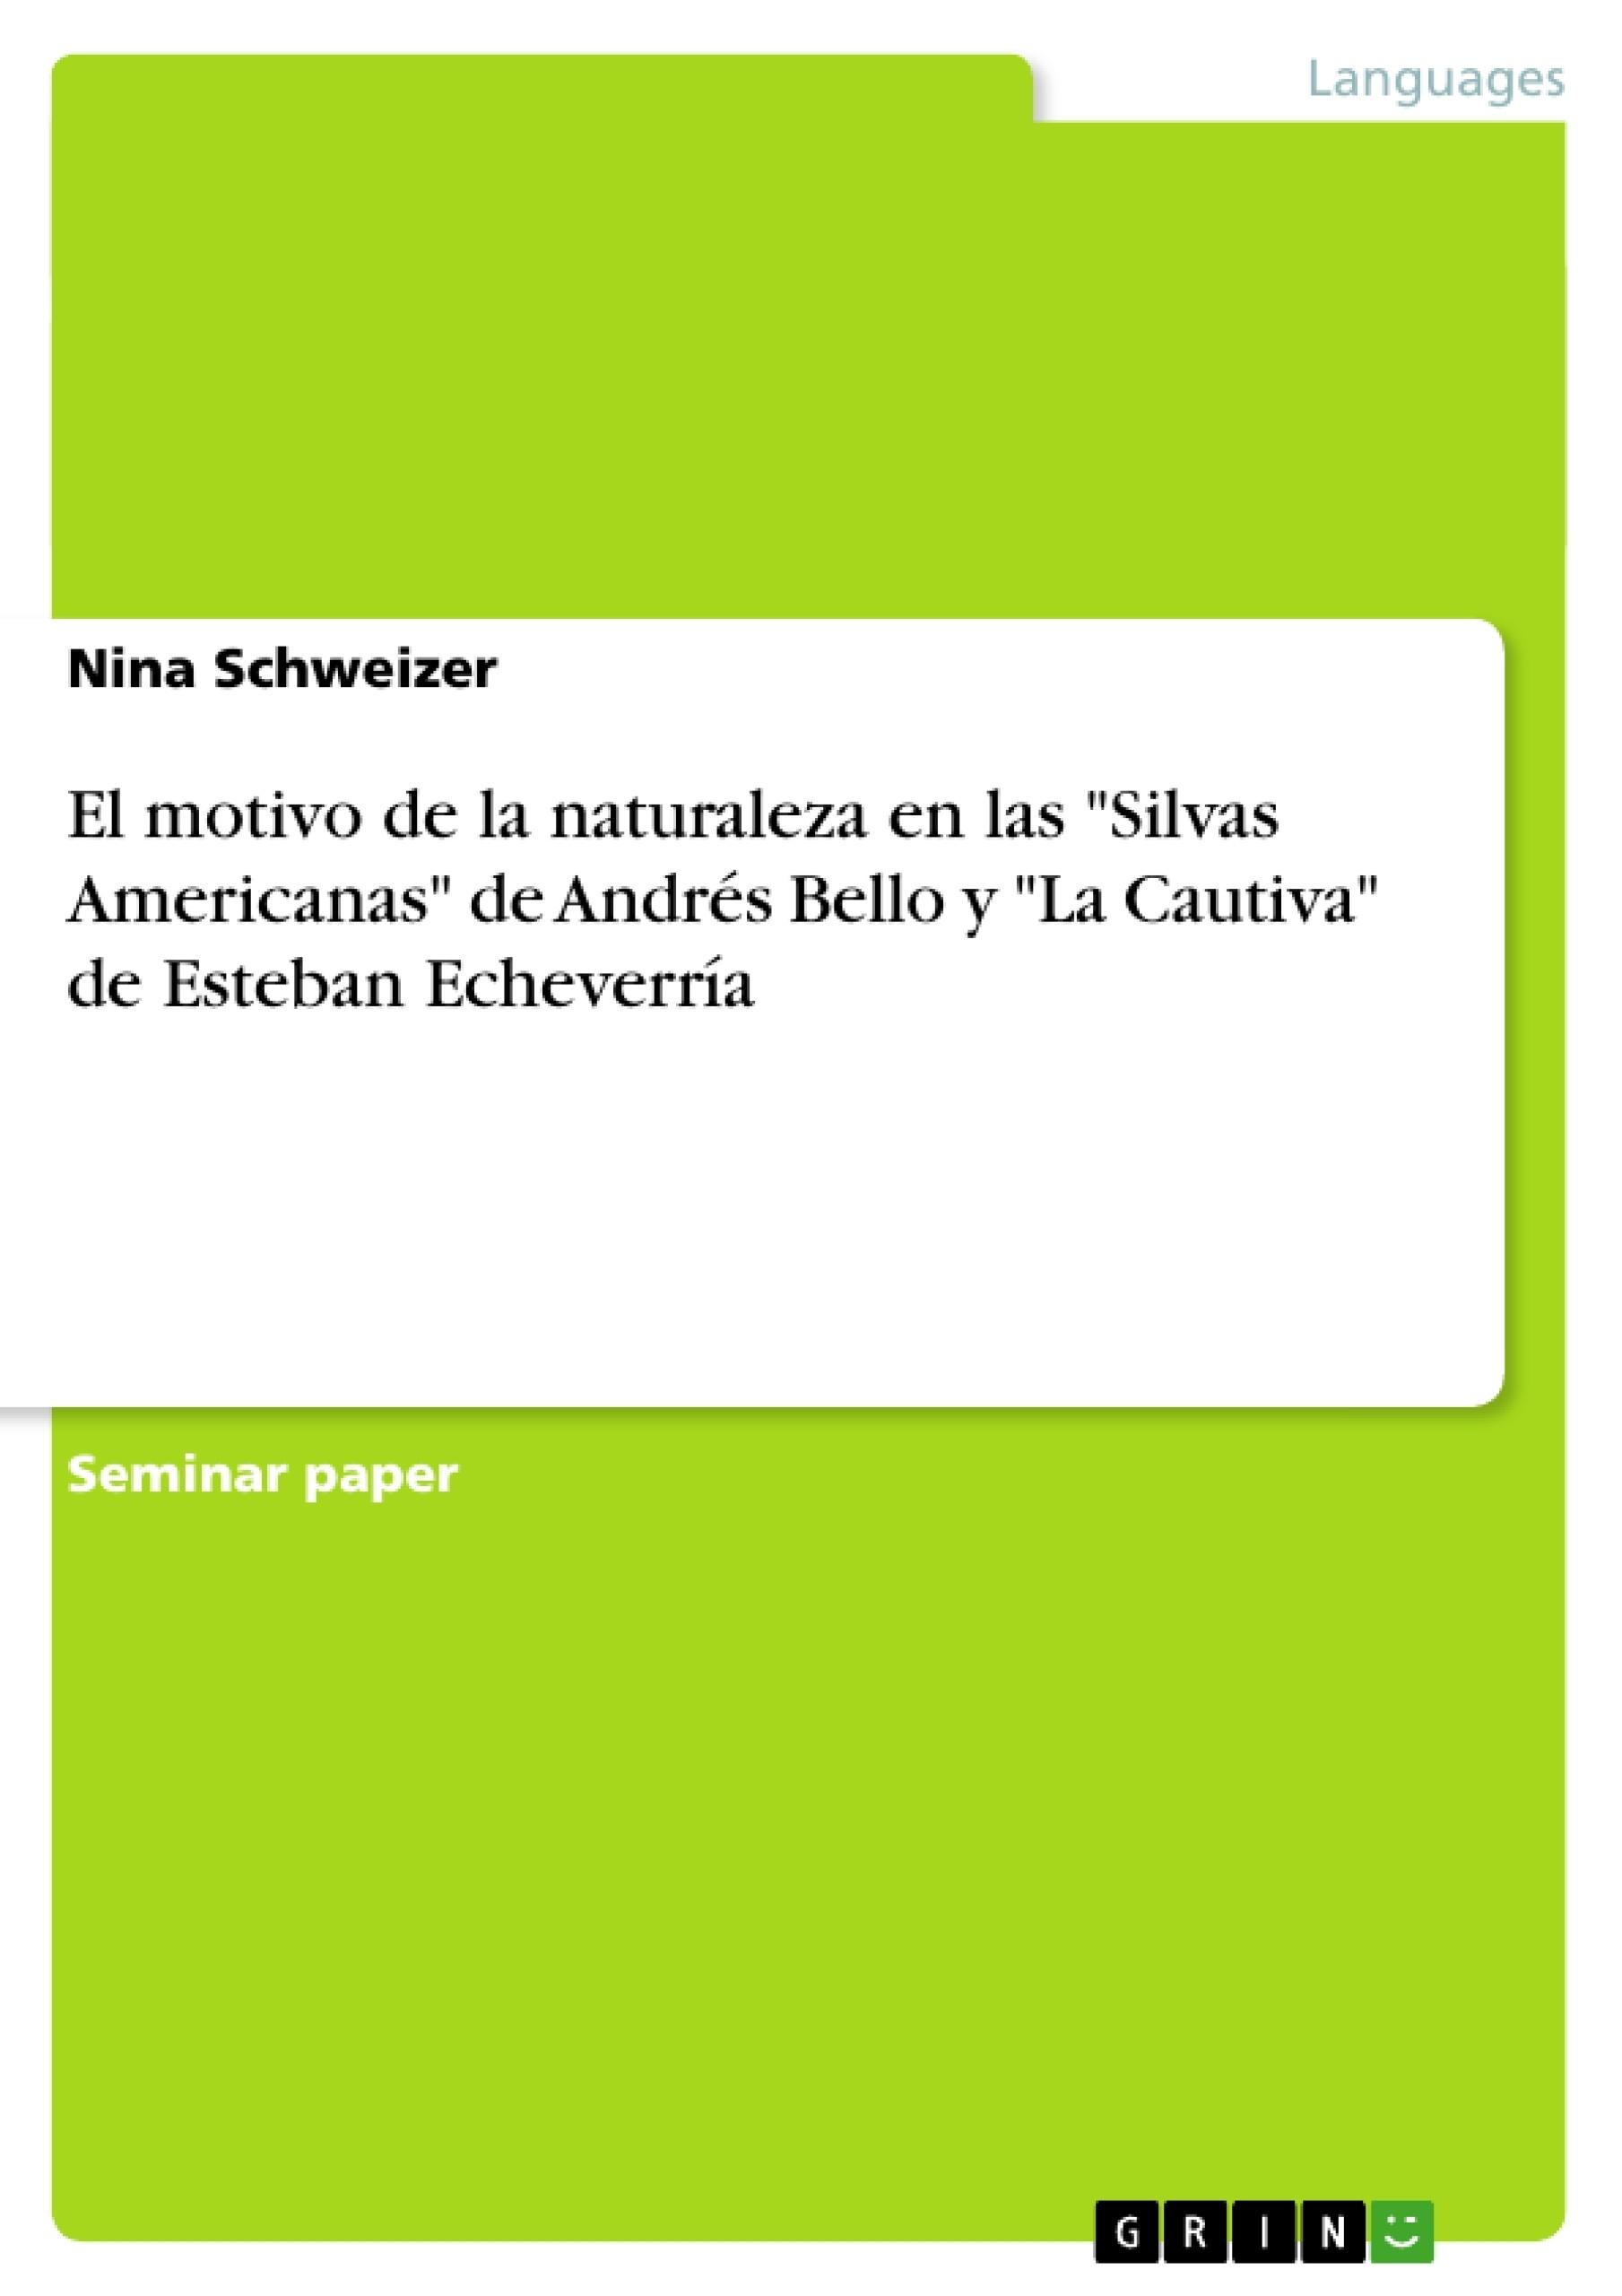 """Título: El motivo de la naturaleza en las """"Silvas Americanas"""" de Andrés Bello y """"La Cautiva"""" de Esteban Echeverría"""